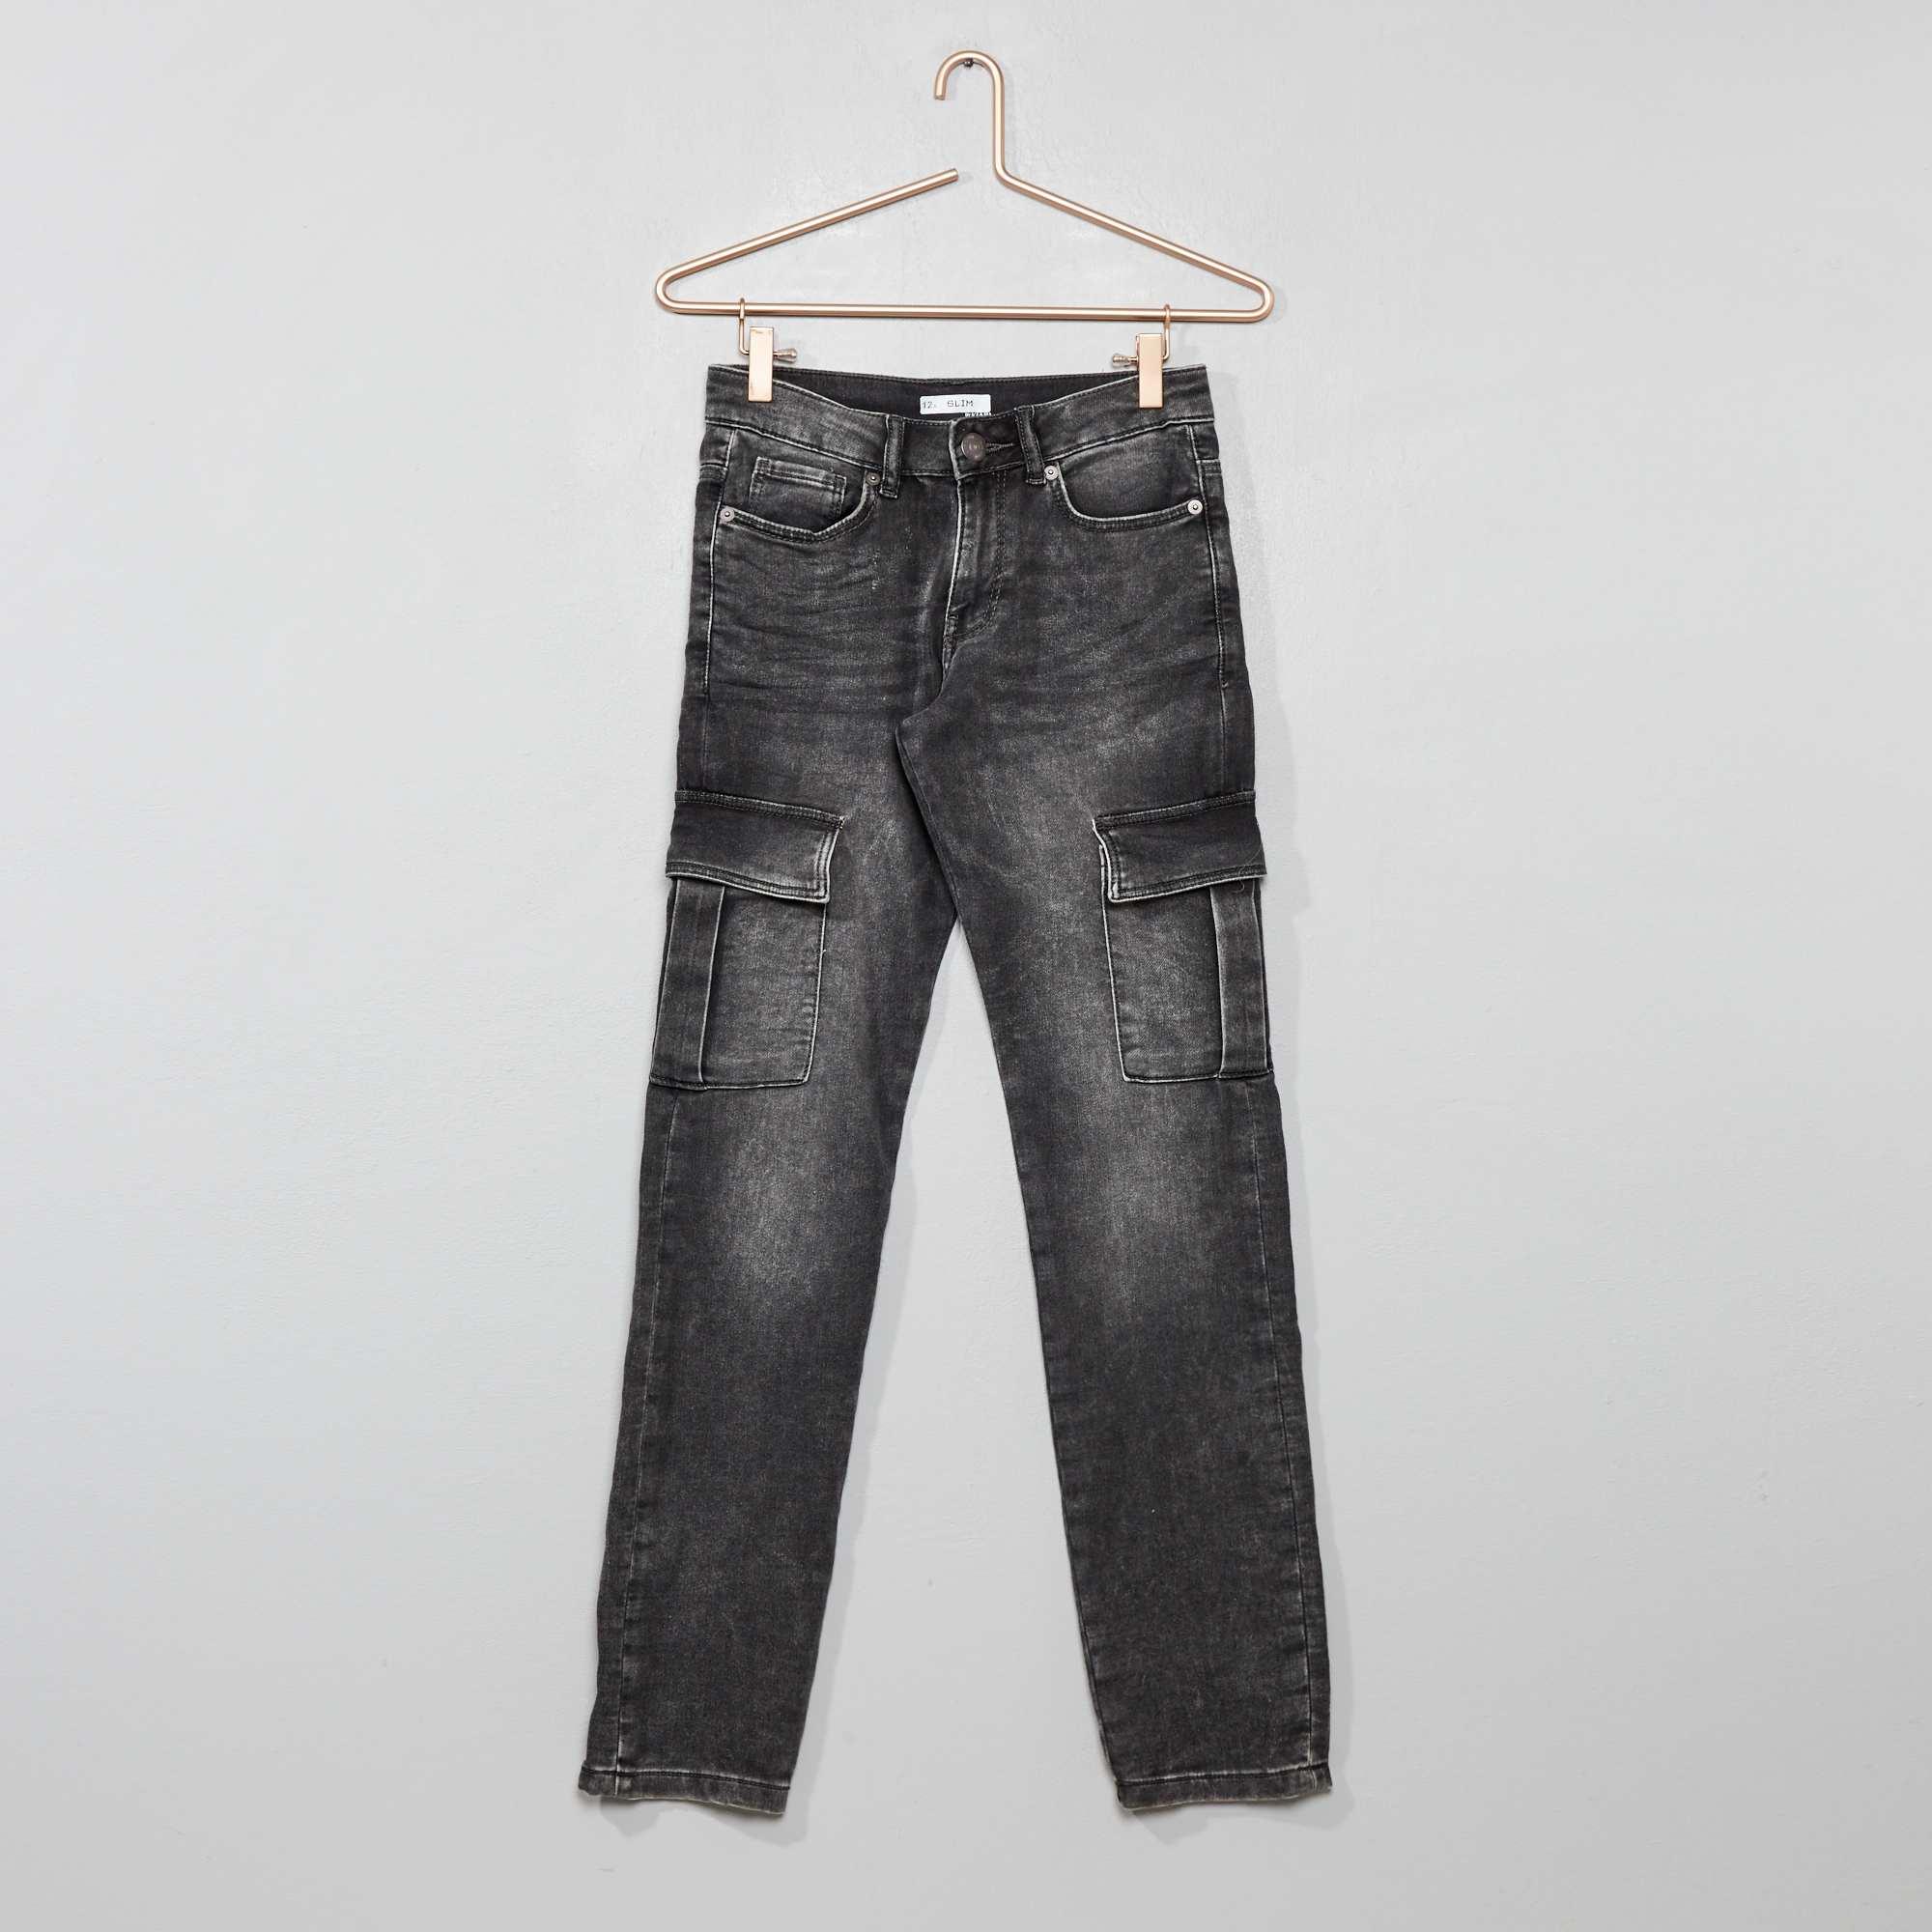 Pantalon Denim En Stretch Slim Pantalon Slim mnONv80w